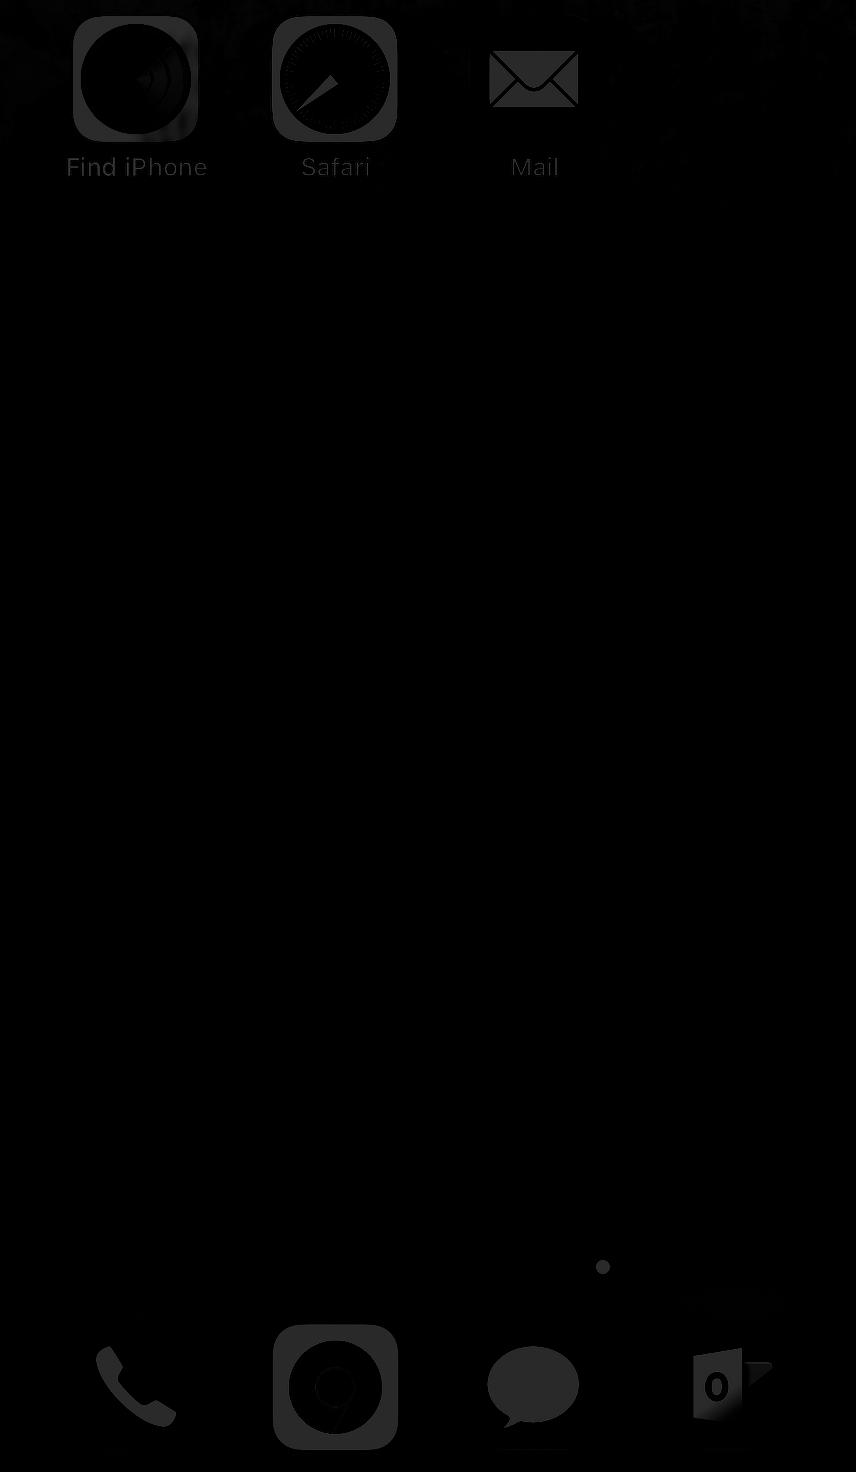 dark ios